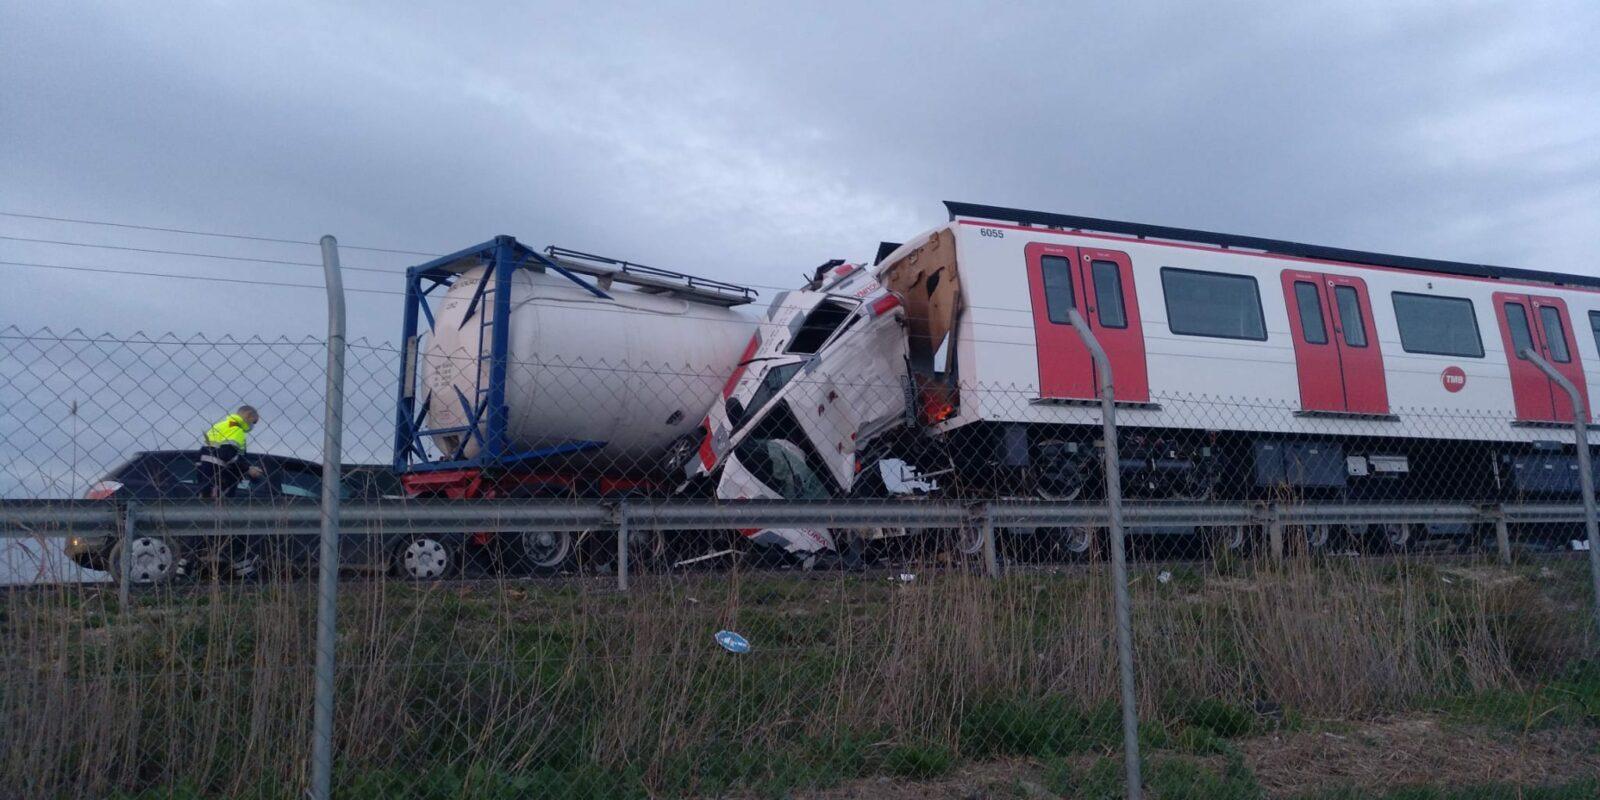 Accident amb un camió que transportava un vagó del metro implicat / Cedida